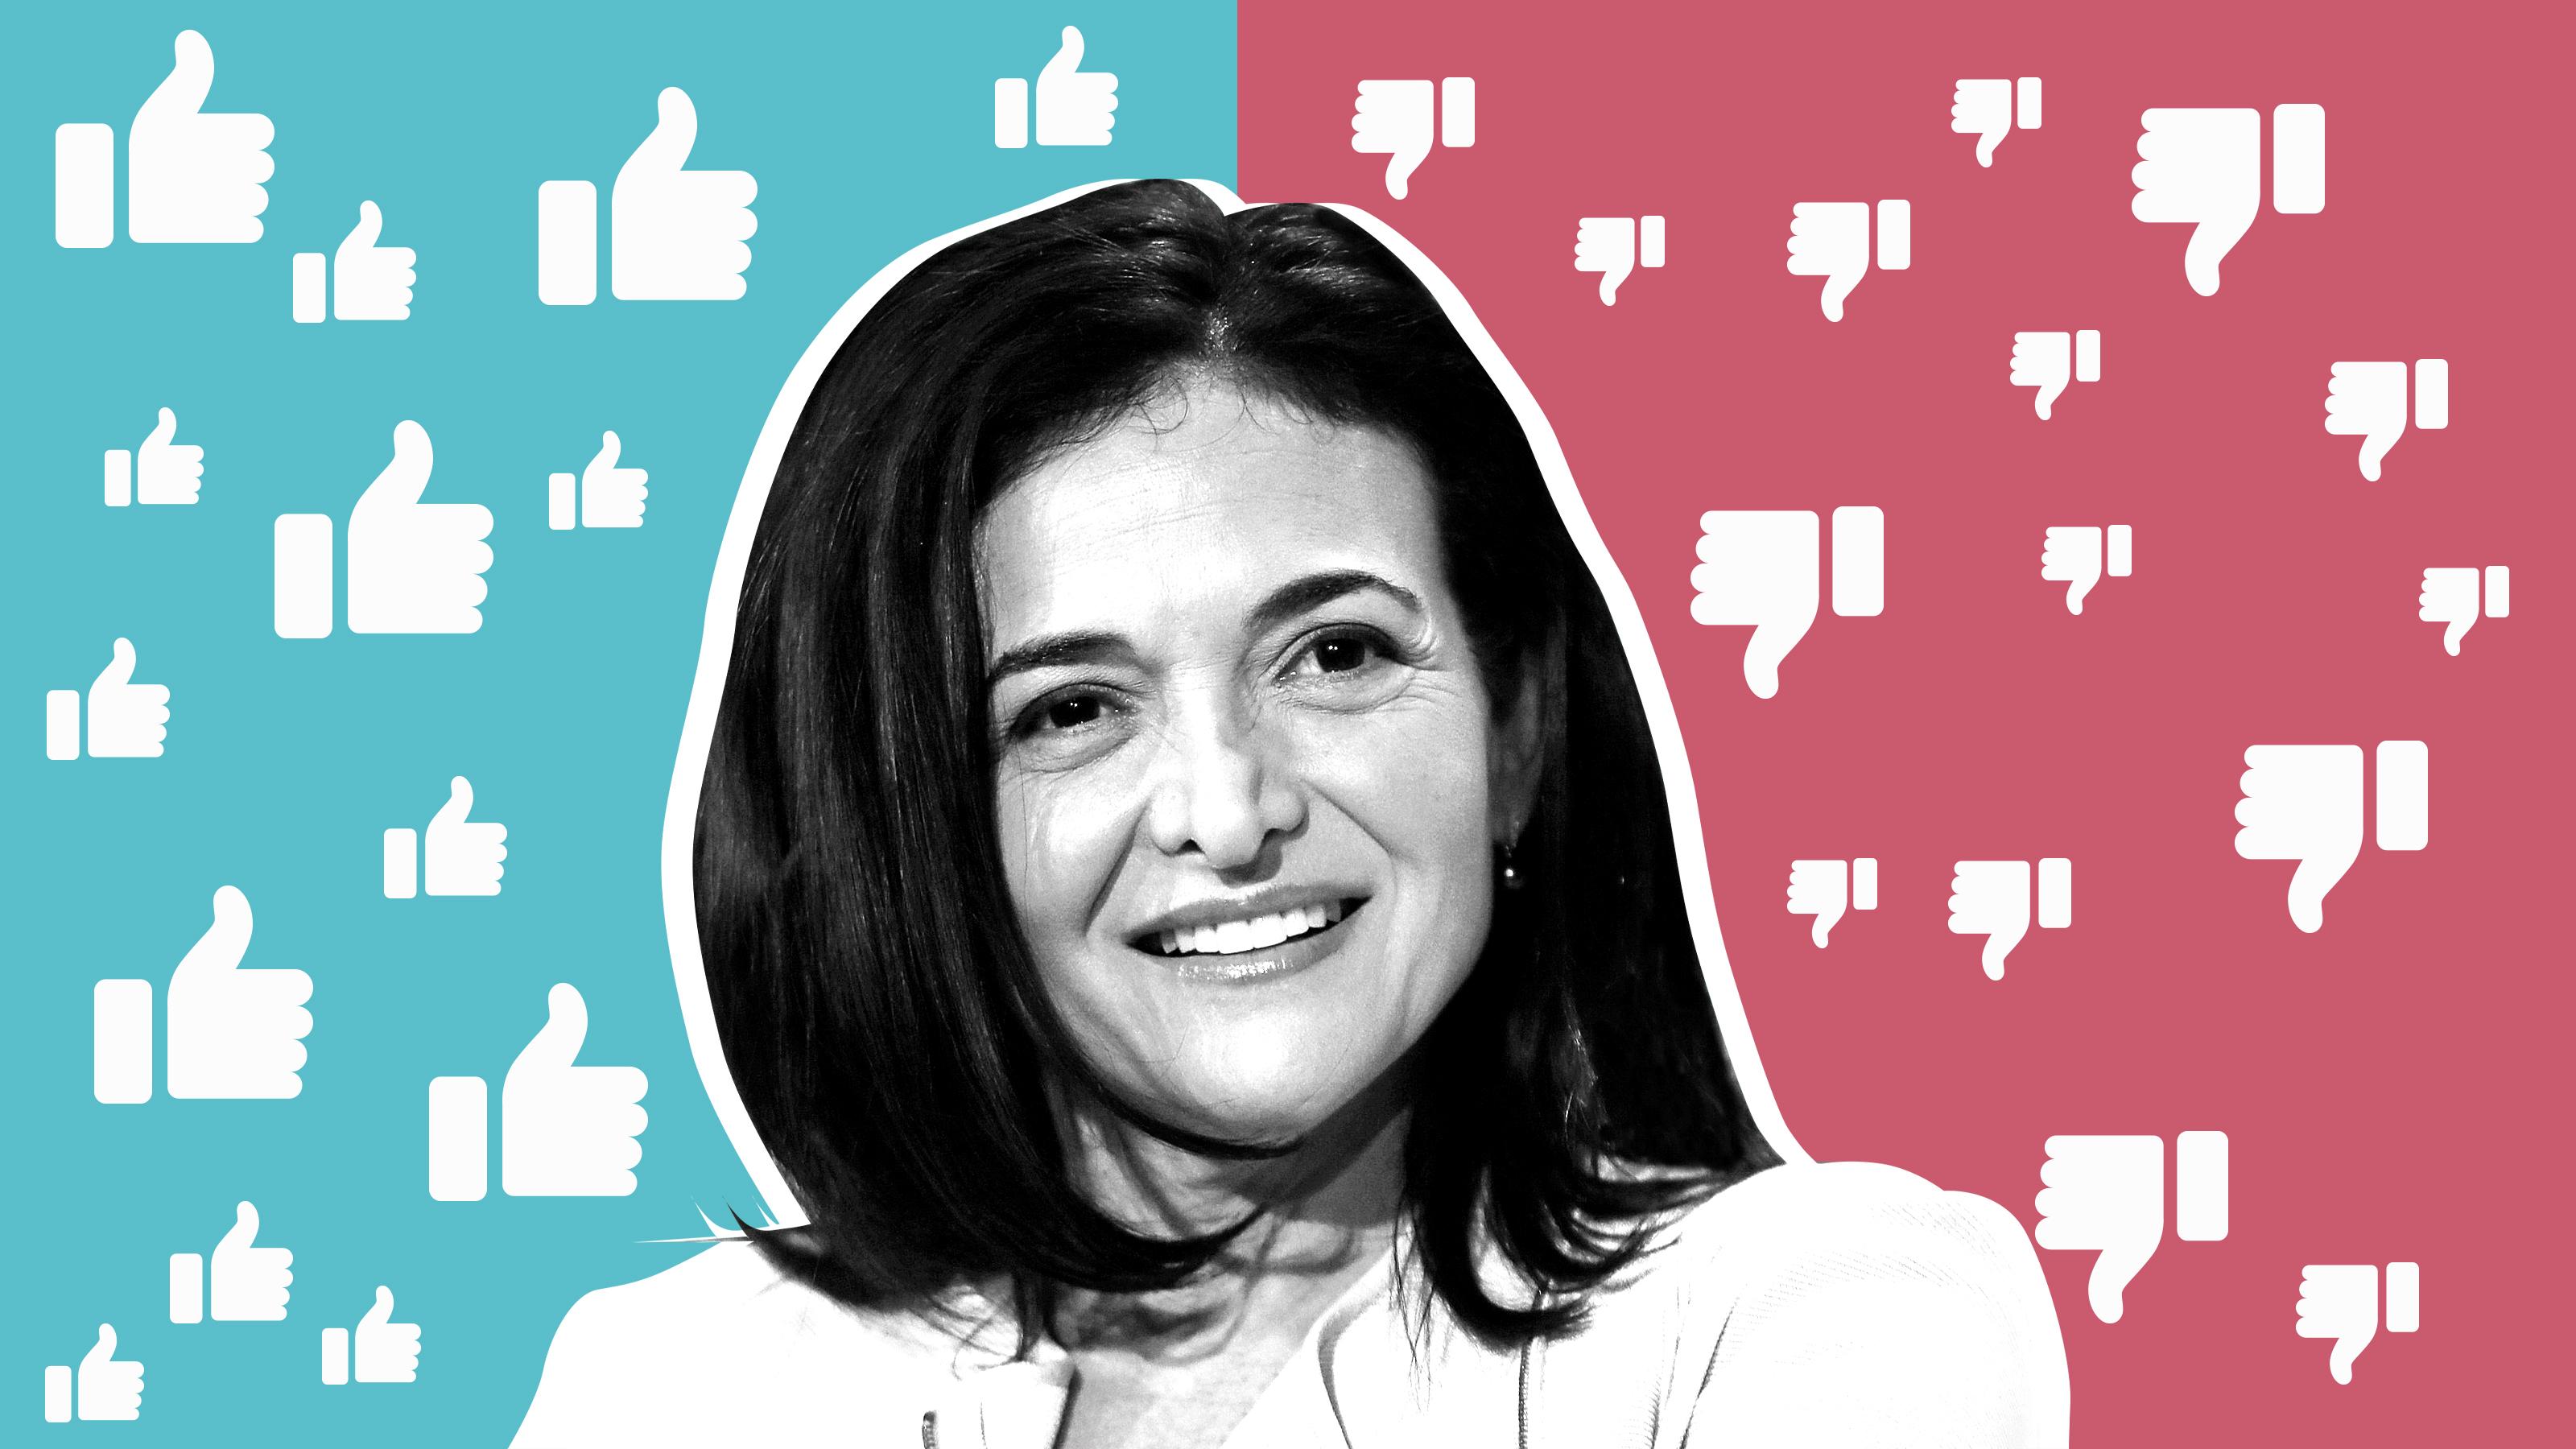 The Sheryl Sandberg Flight Risk at Facebook